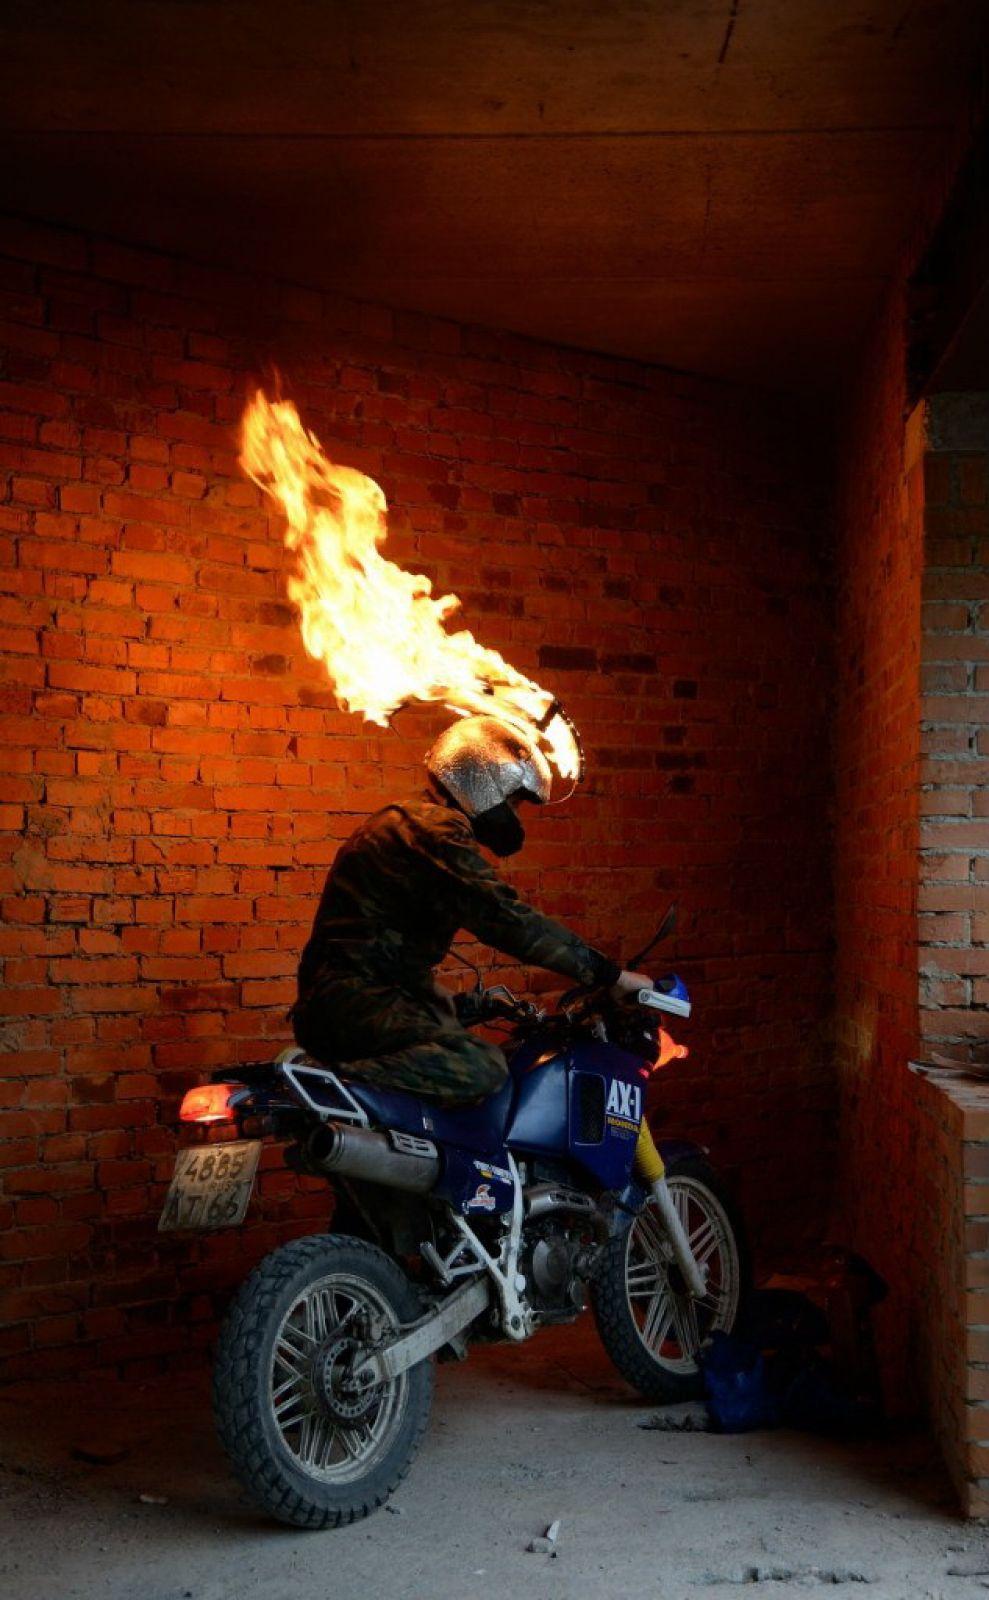 Горящий мотоциклист был большой неожиданностью для команд.